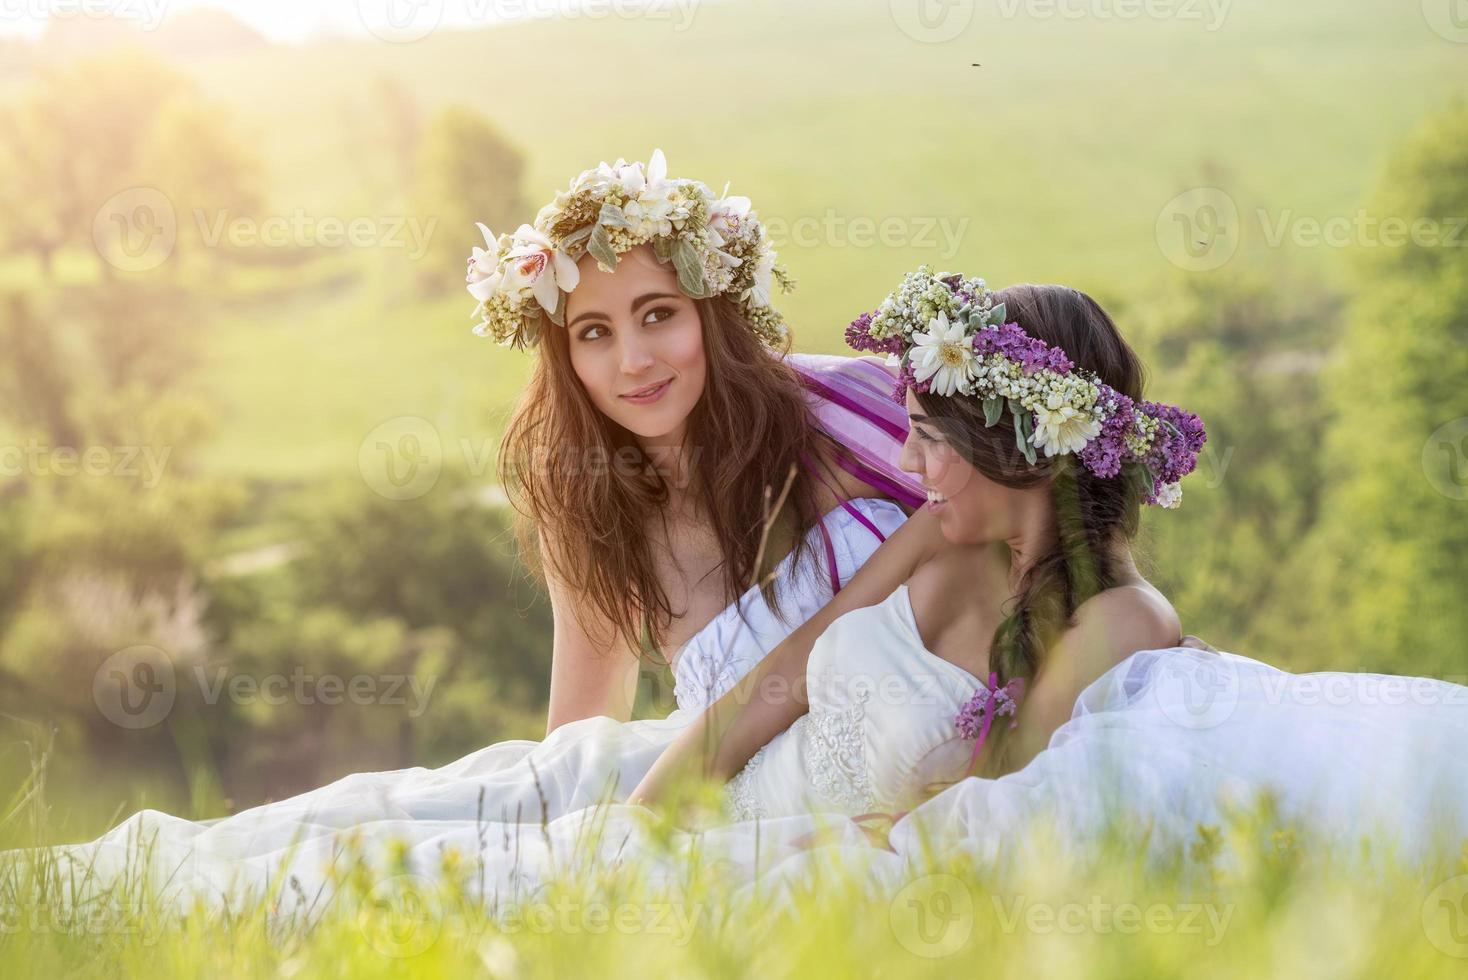 2 belle mariée en plein air, assis sur l'herbe photo